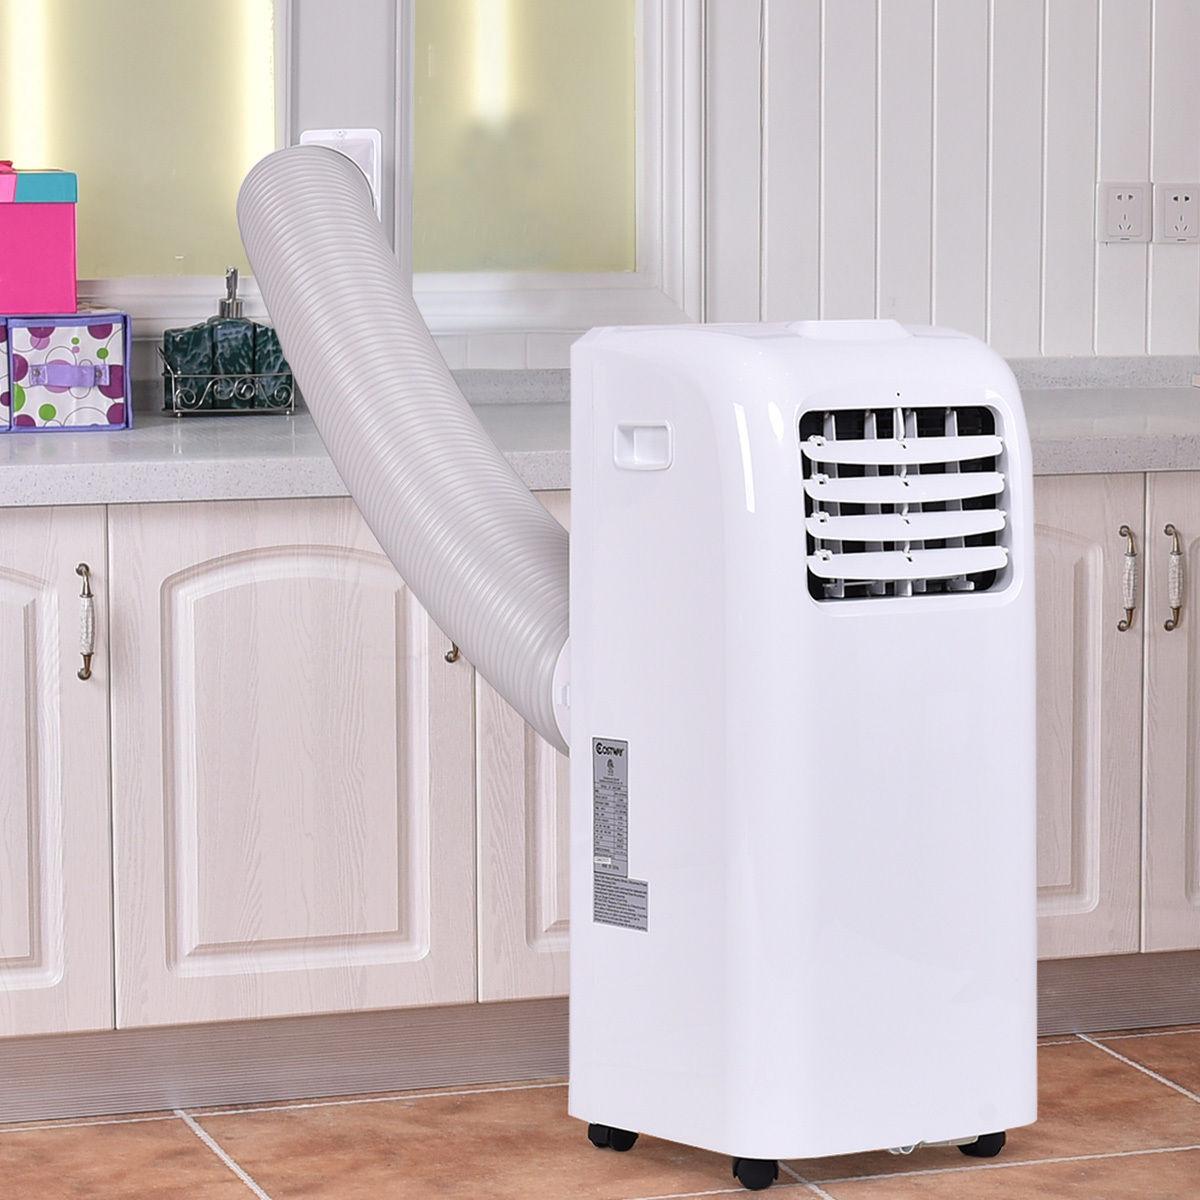 Costway 10000 BTU Portable Air Conditioner & Dehumidifier...